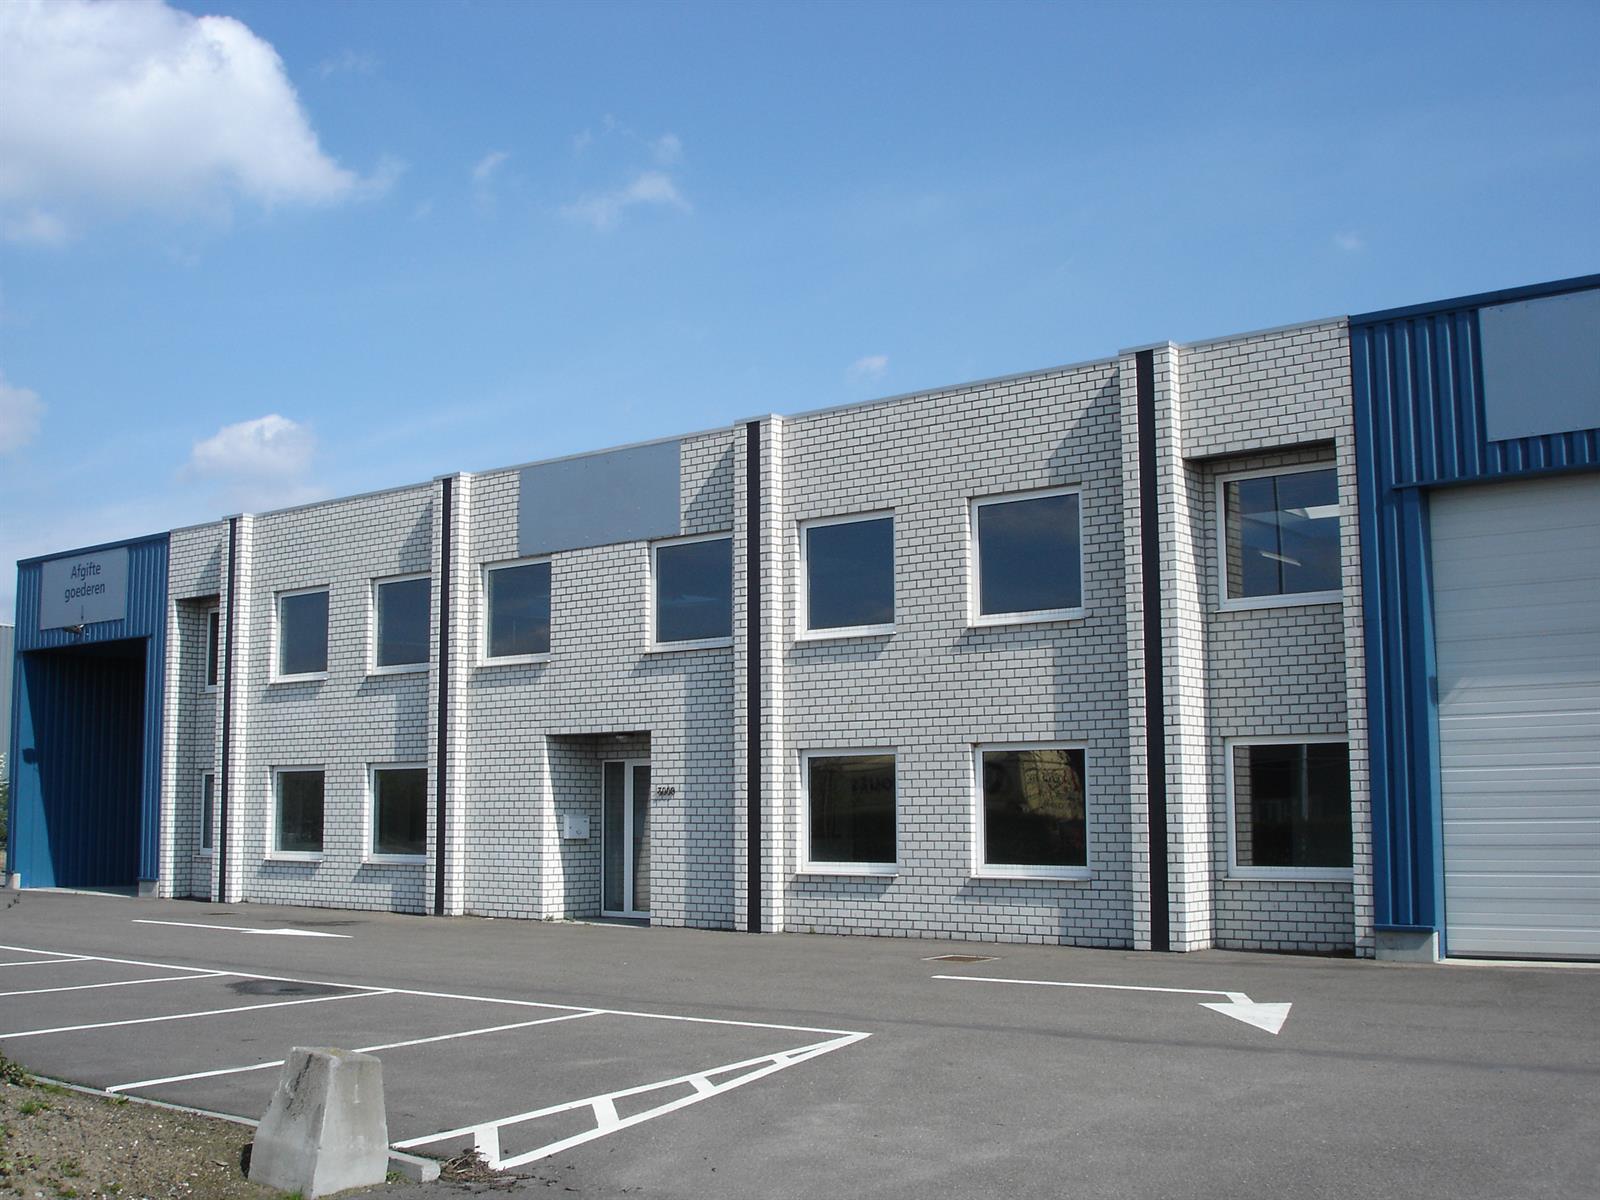 kantoren & magazijn te huur I145 - Magazijn met kantoor - Centrum-Zuid 3009, 3530 Houthalen-Helchteren, België 2